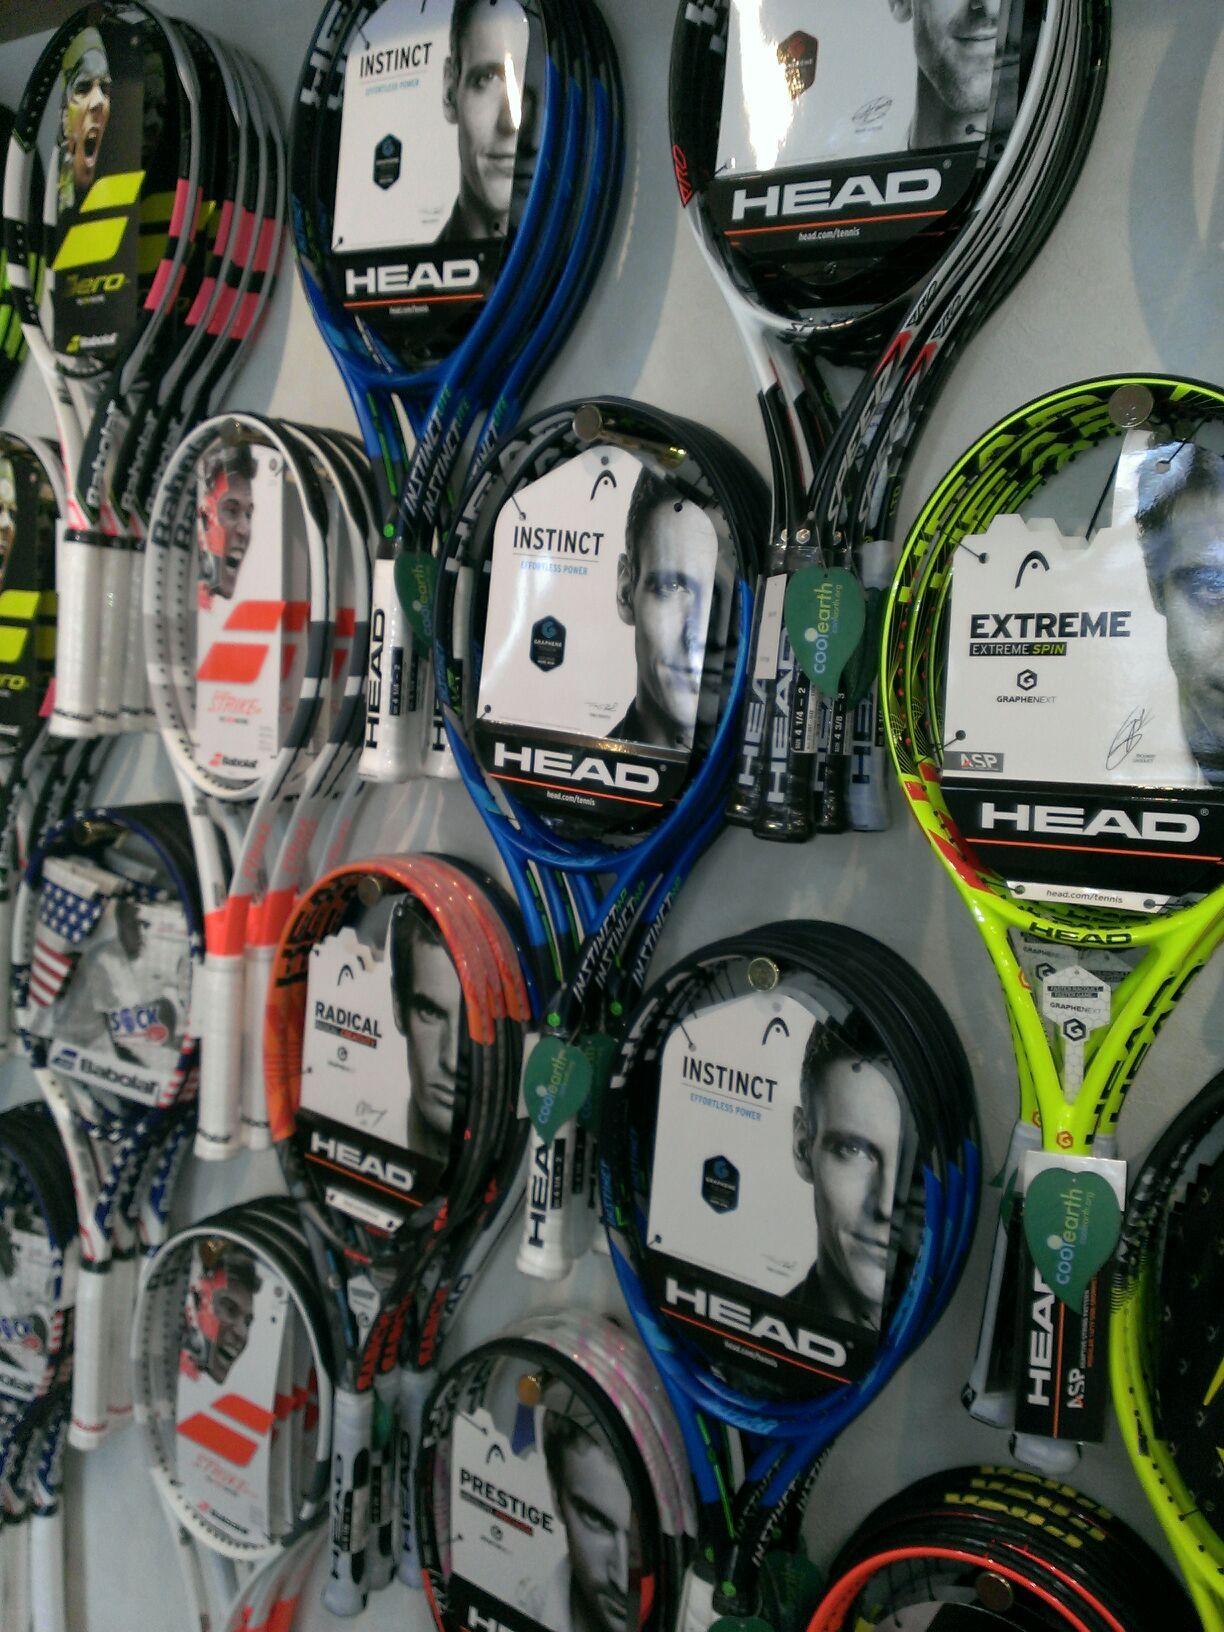 HEAD最新作テニスラケット「インスティンクト」